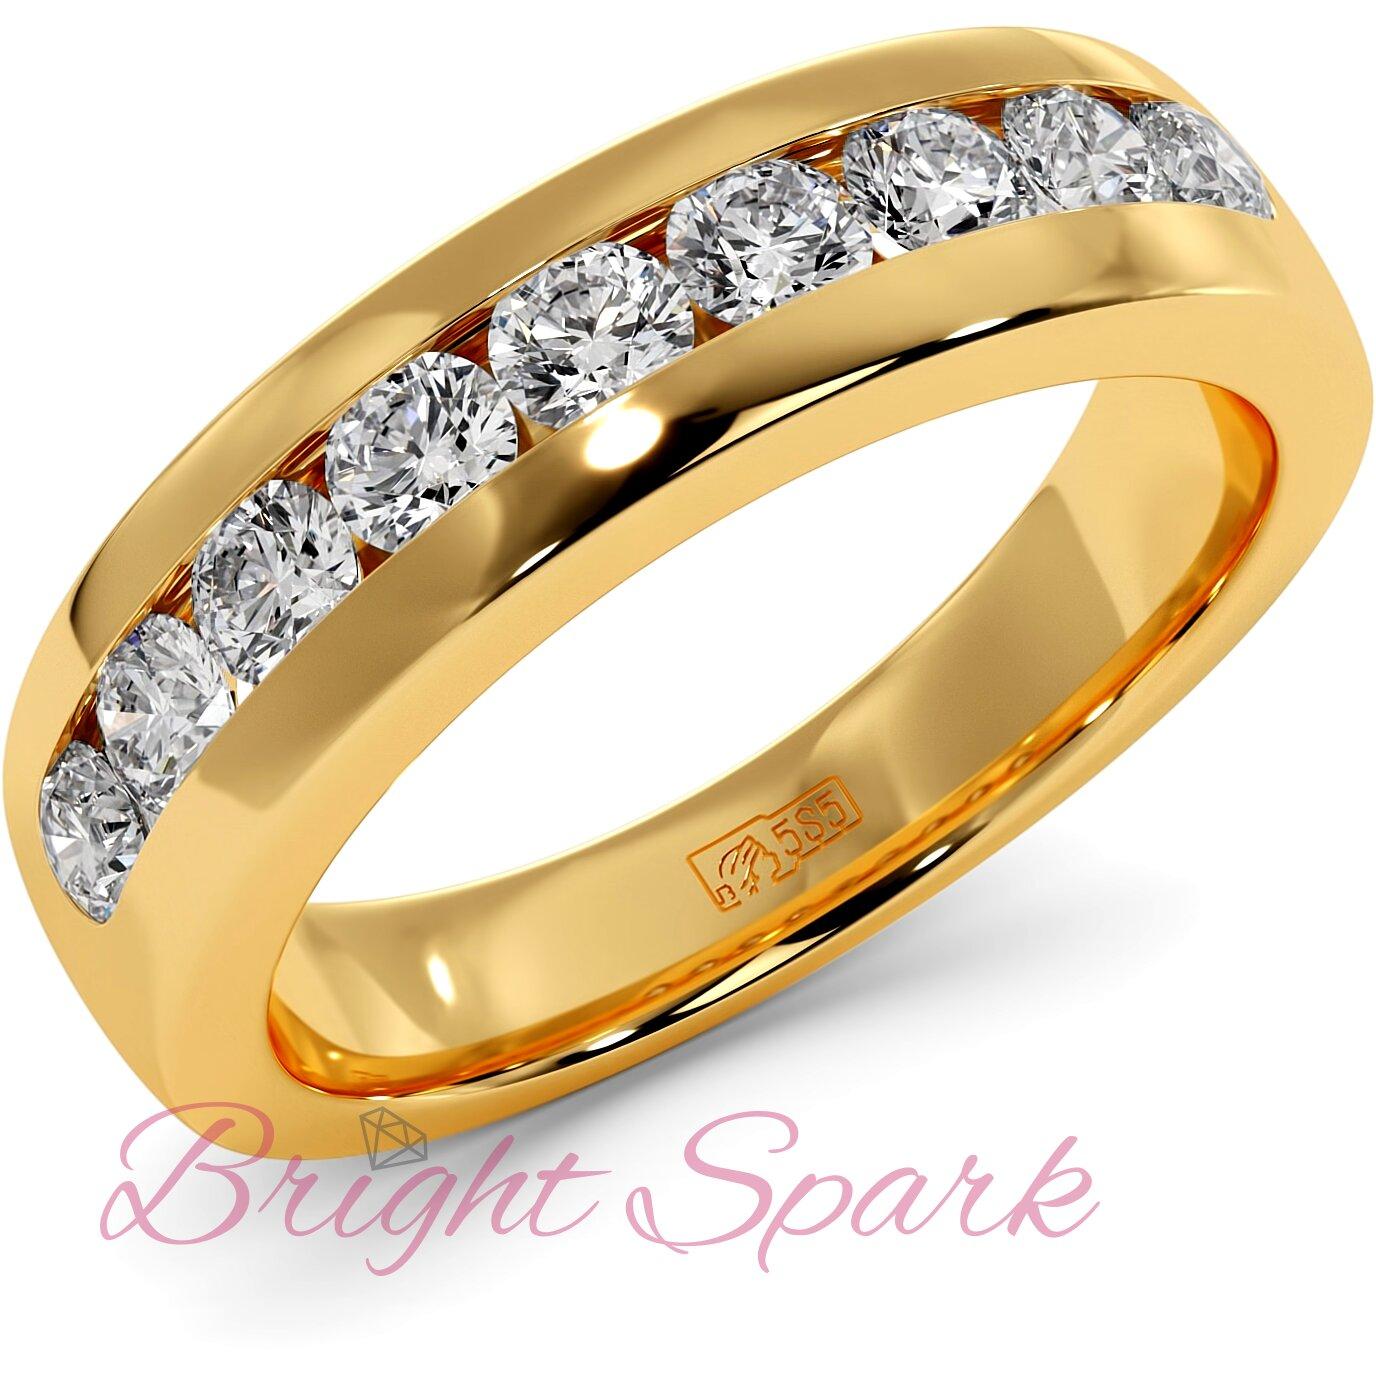 Обручальное кольцо желтого золота с 9 камнями Robert 0,9 карата